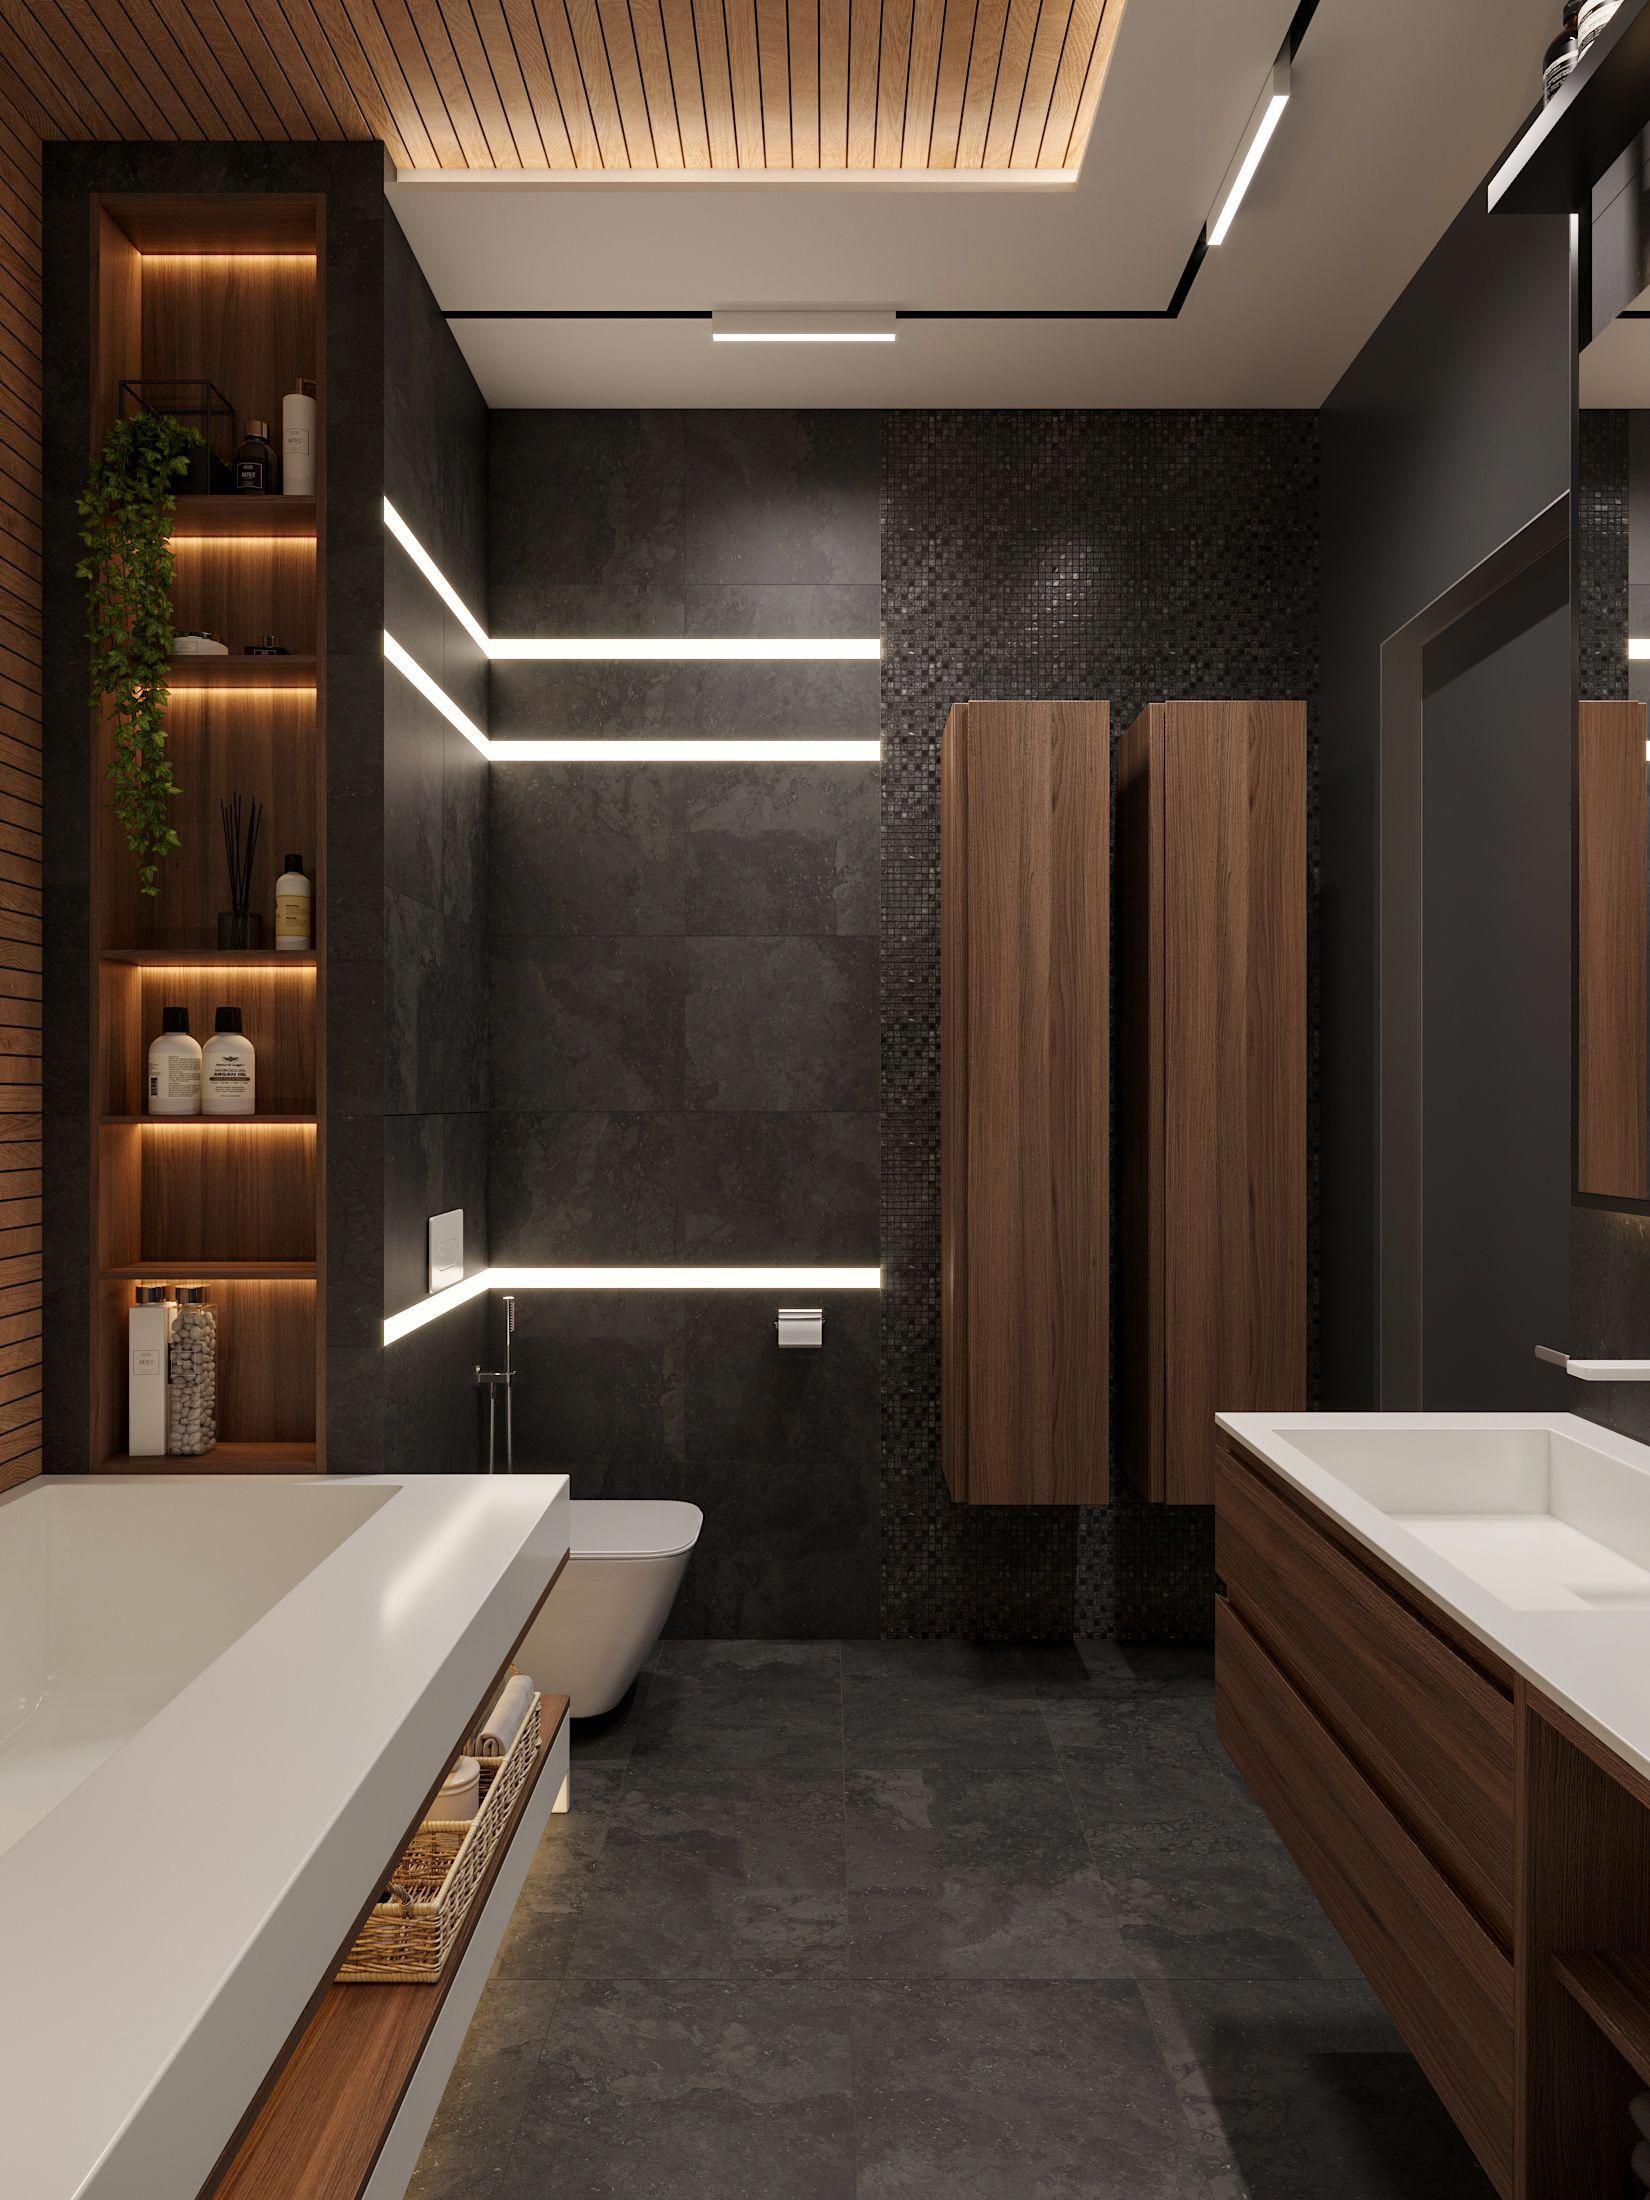 Способы модернизировать вашу ванную комнату фото 1